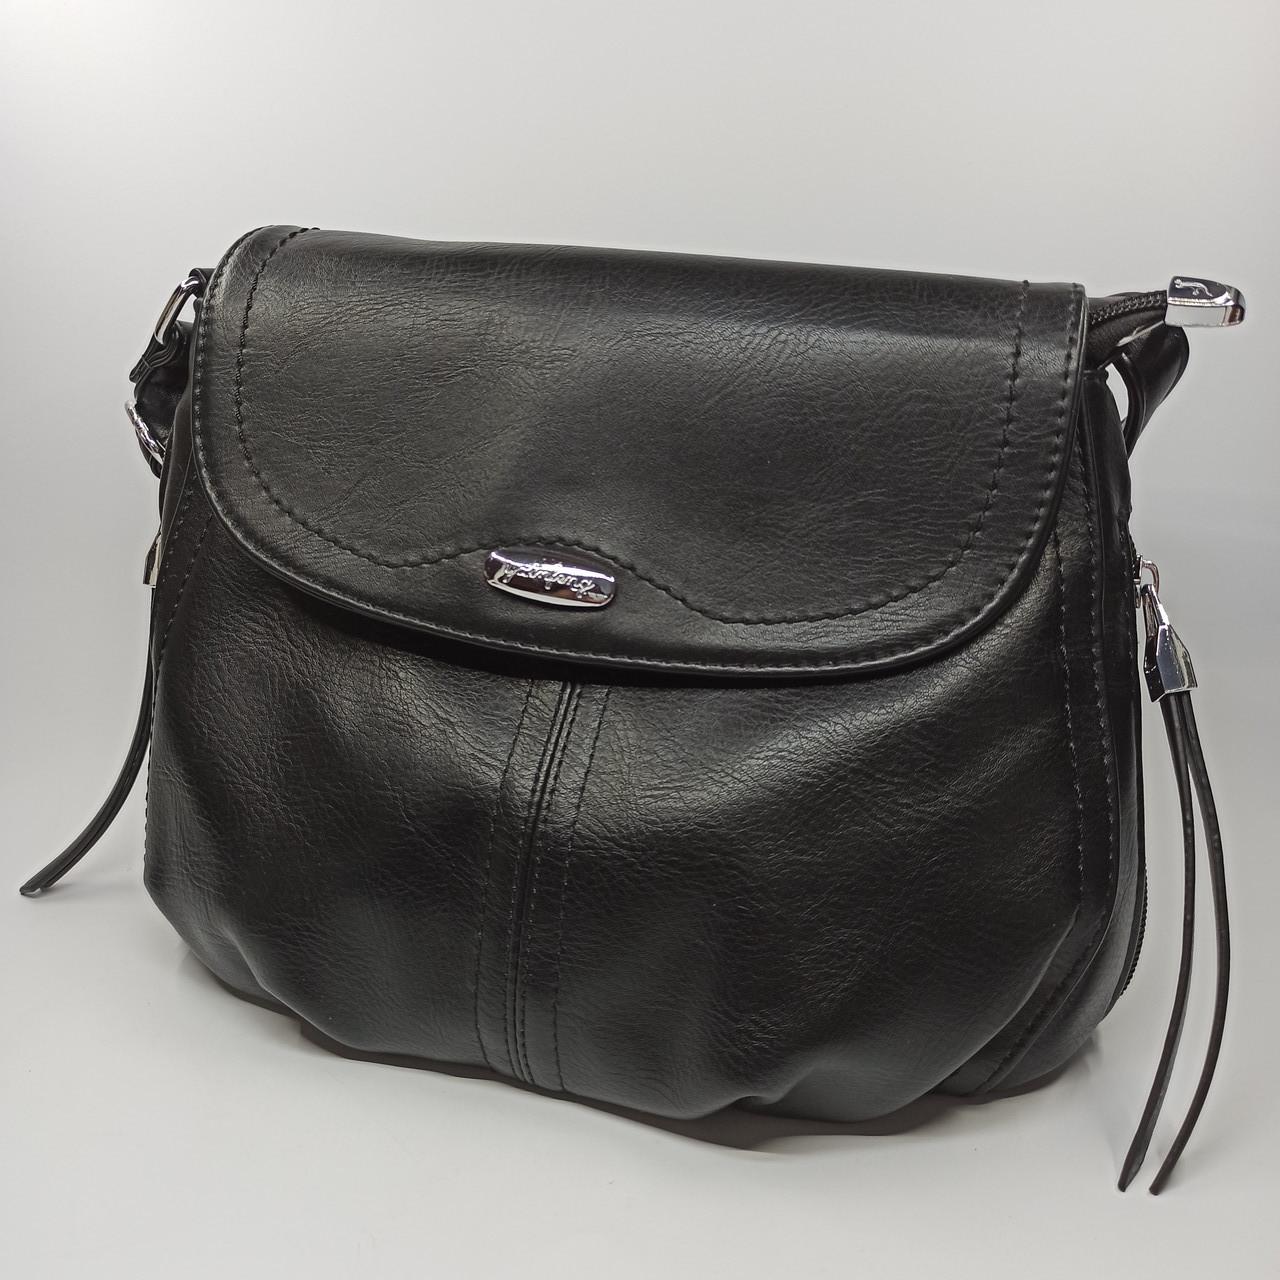 Жіноча сумка плншетка клатч / Женская сумка планшетка клатч P004